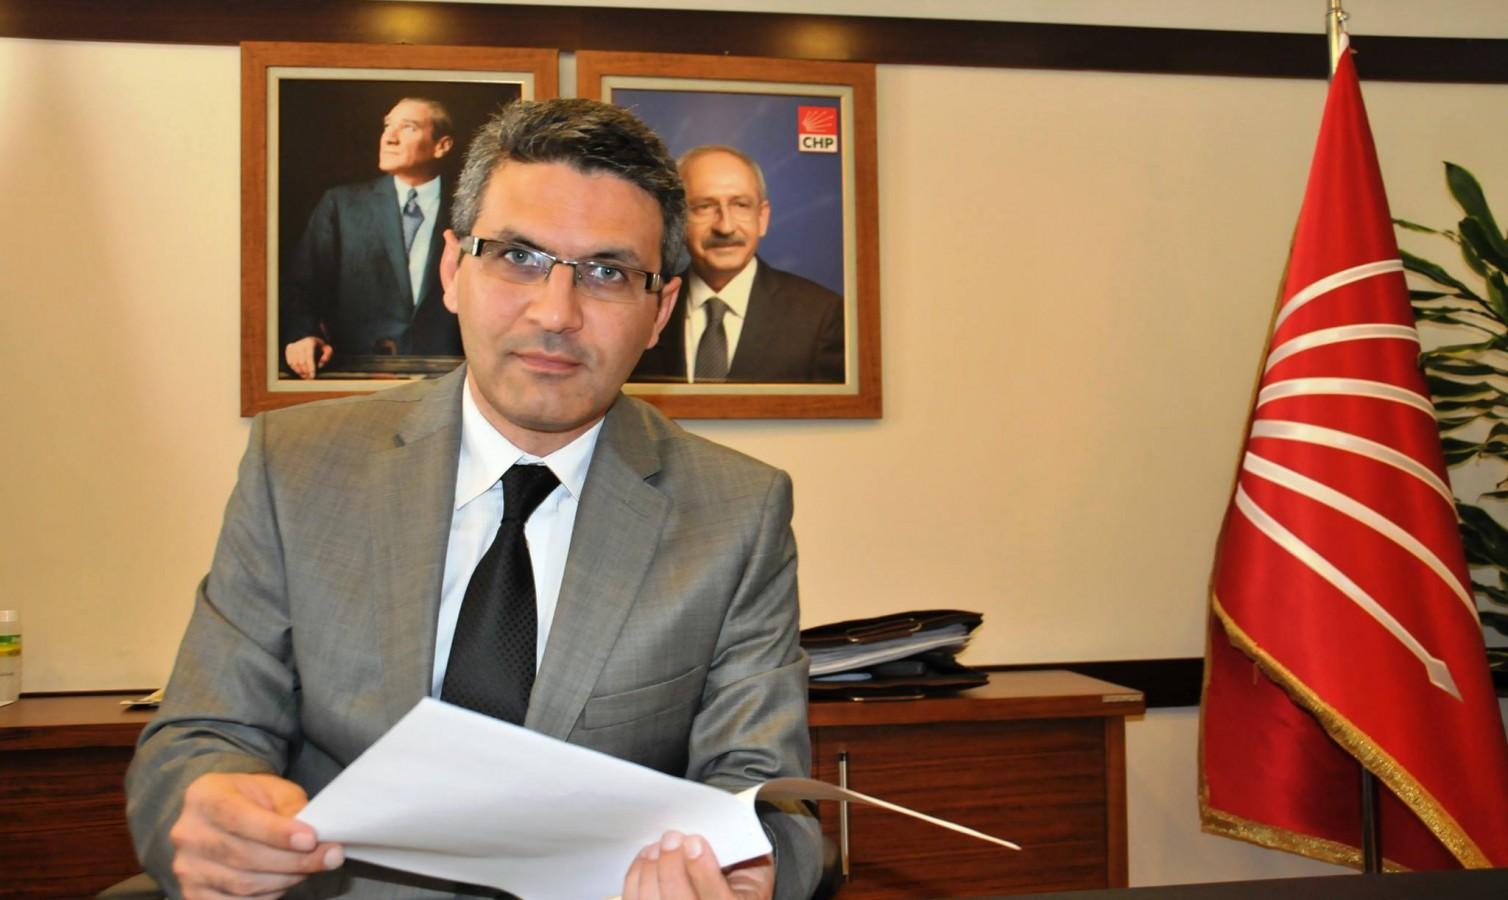 CHP ile Saadet Partisi Yerel ittifakı konuşacak